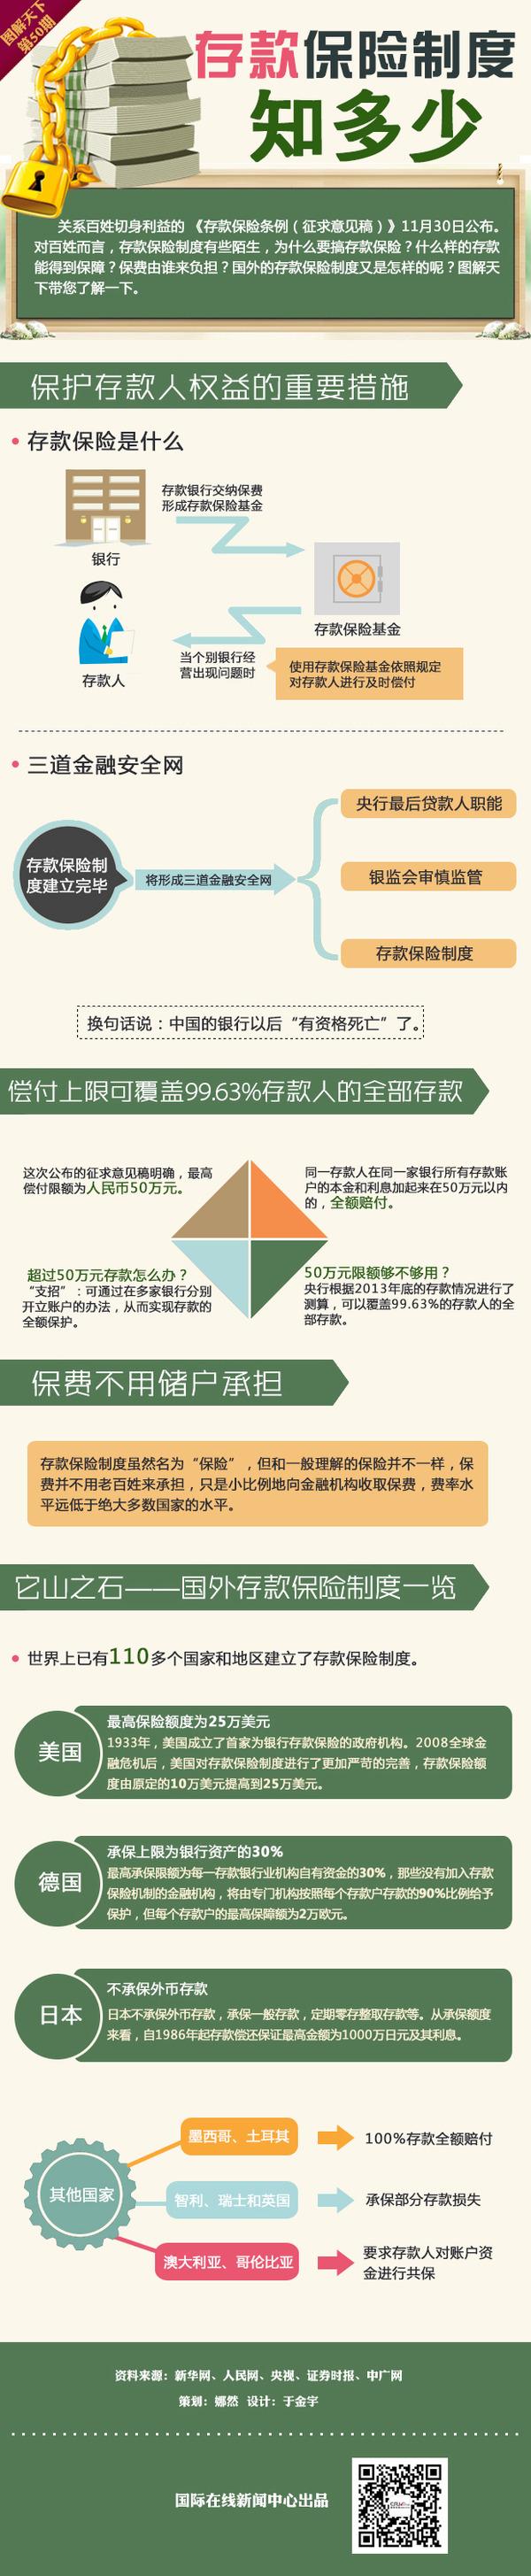 【图解天下】第50期:存款保险制度知多少